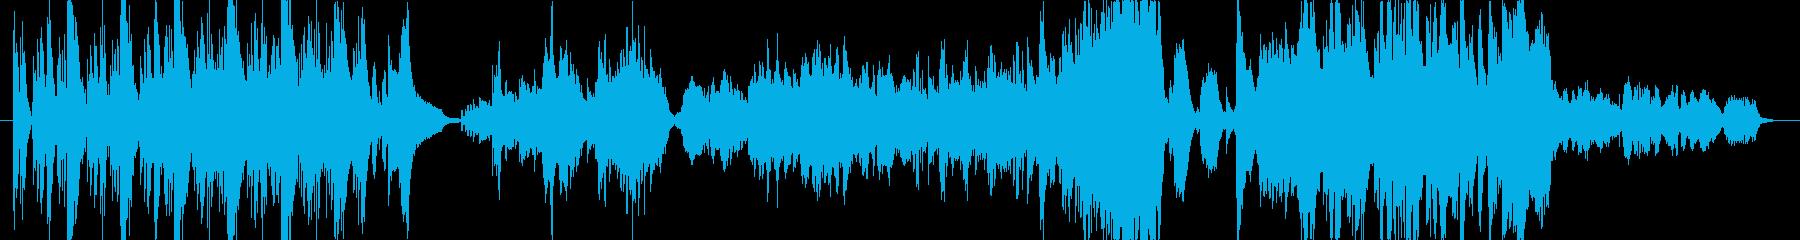 山の神々をイメージした和曲の再生済みの波形